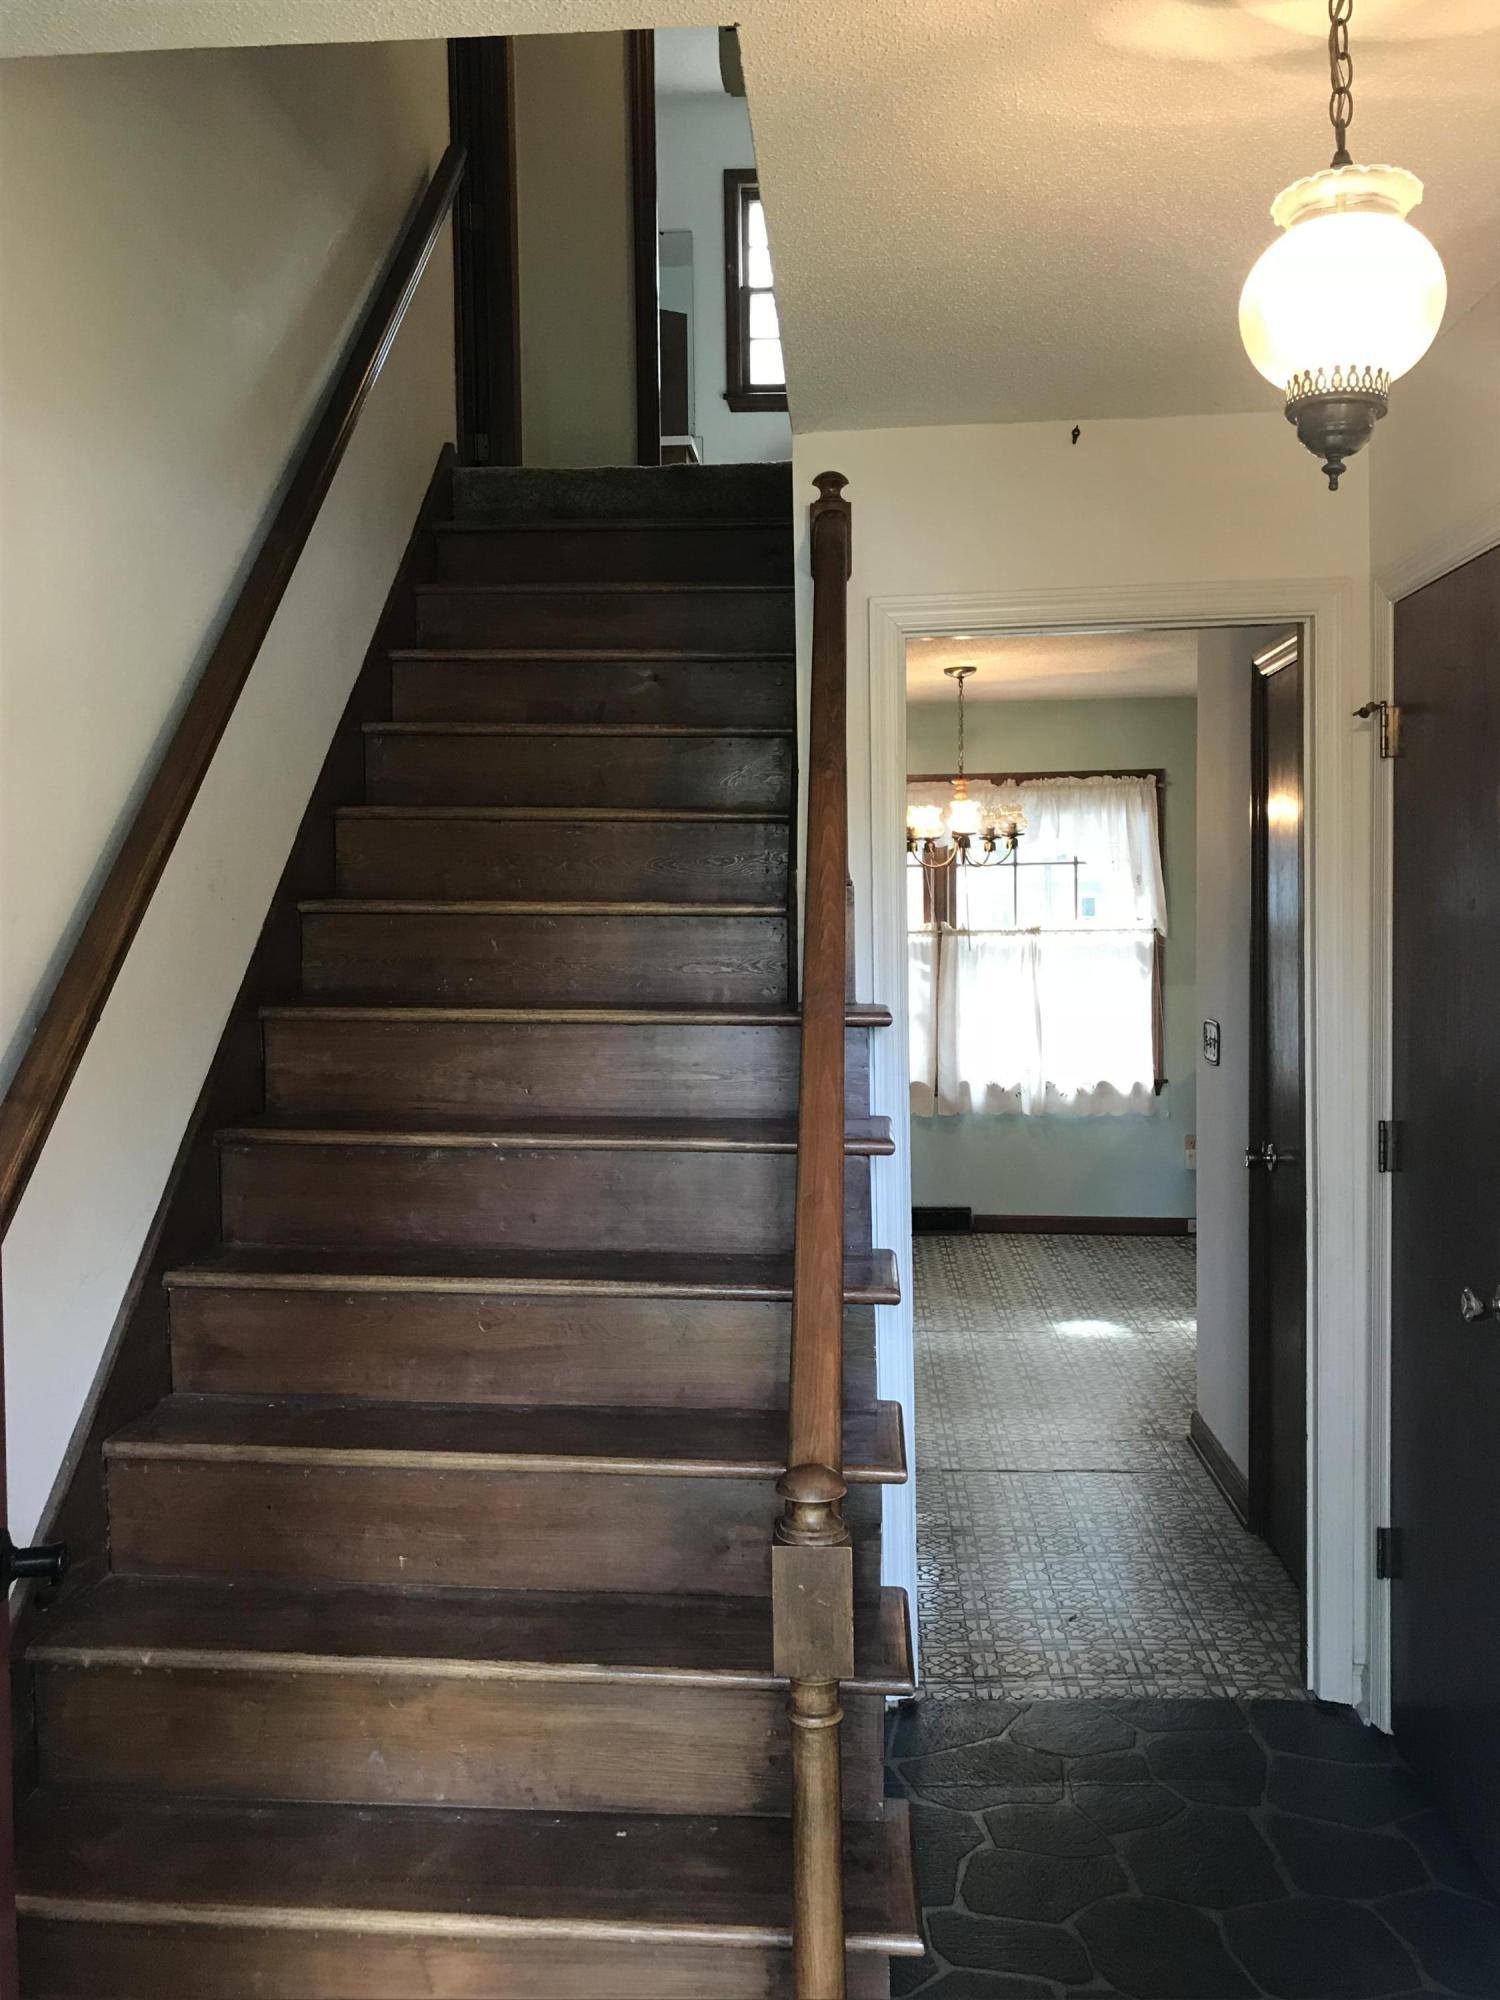 St James Estates Homes For Sale - 103 Westminster, Goose Creek, SC - 33